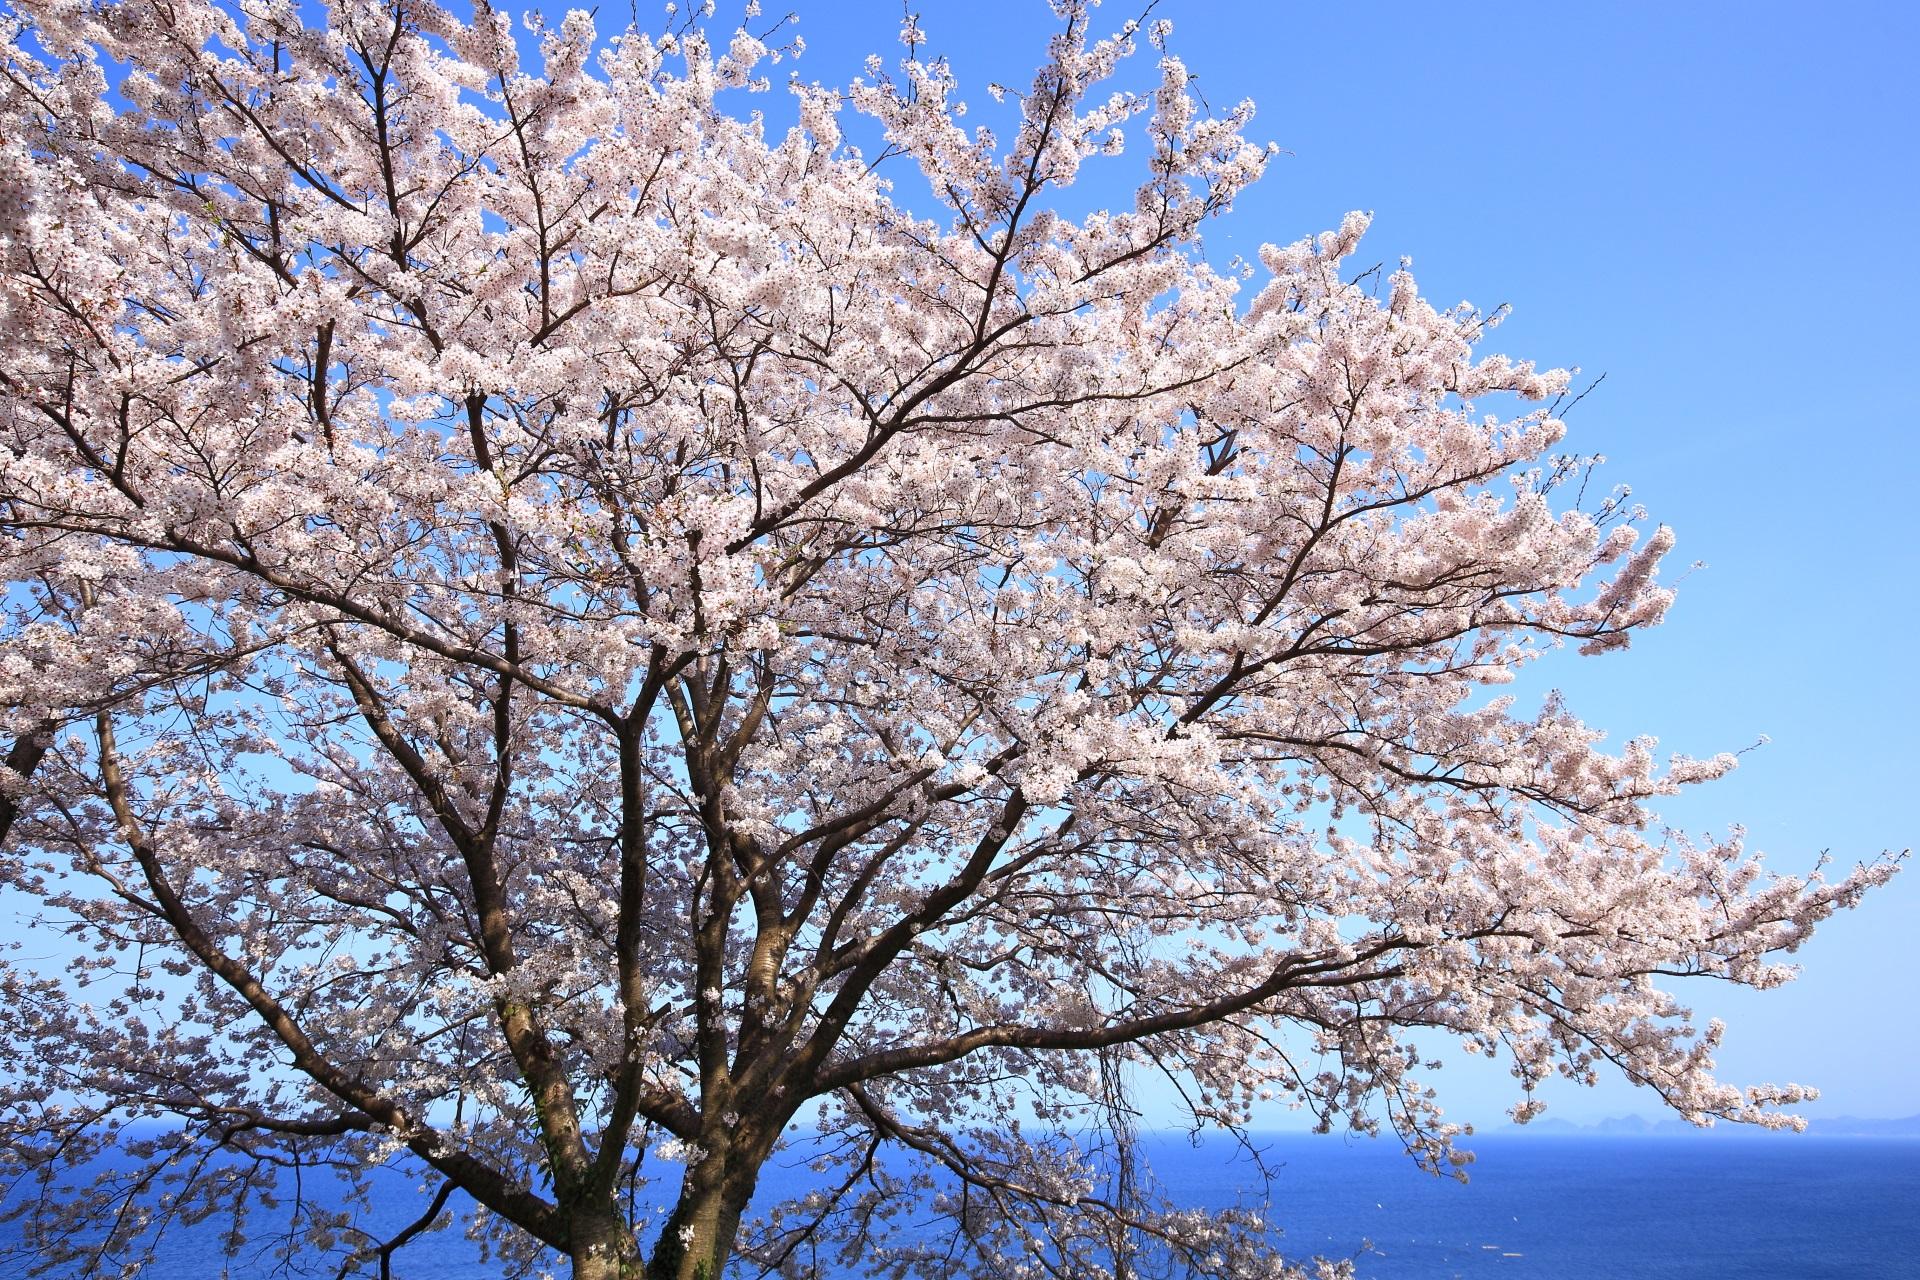 新井崎の青空と青い海の中で咲き乱れる桜